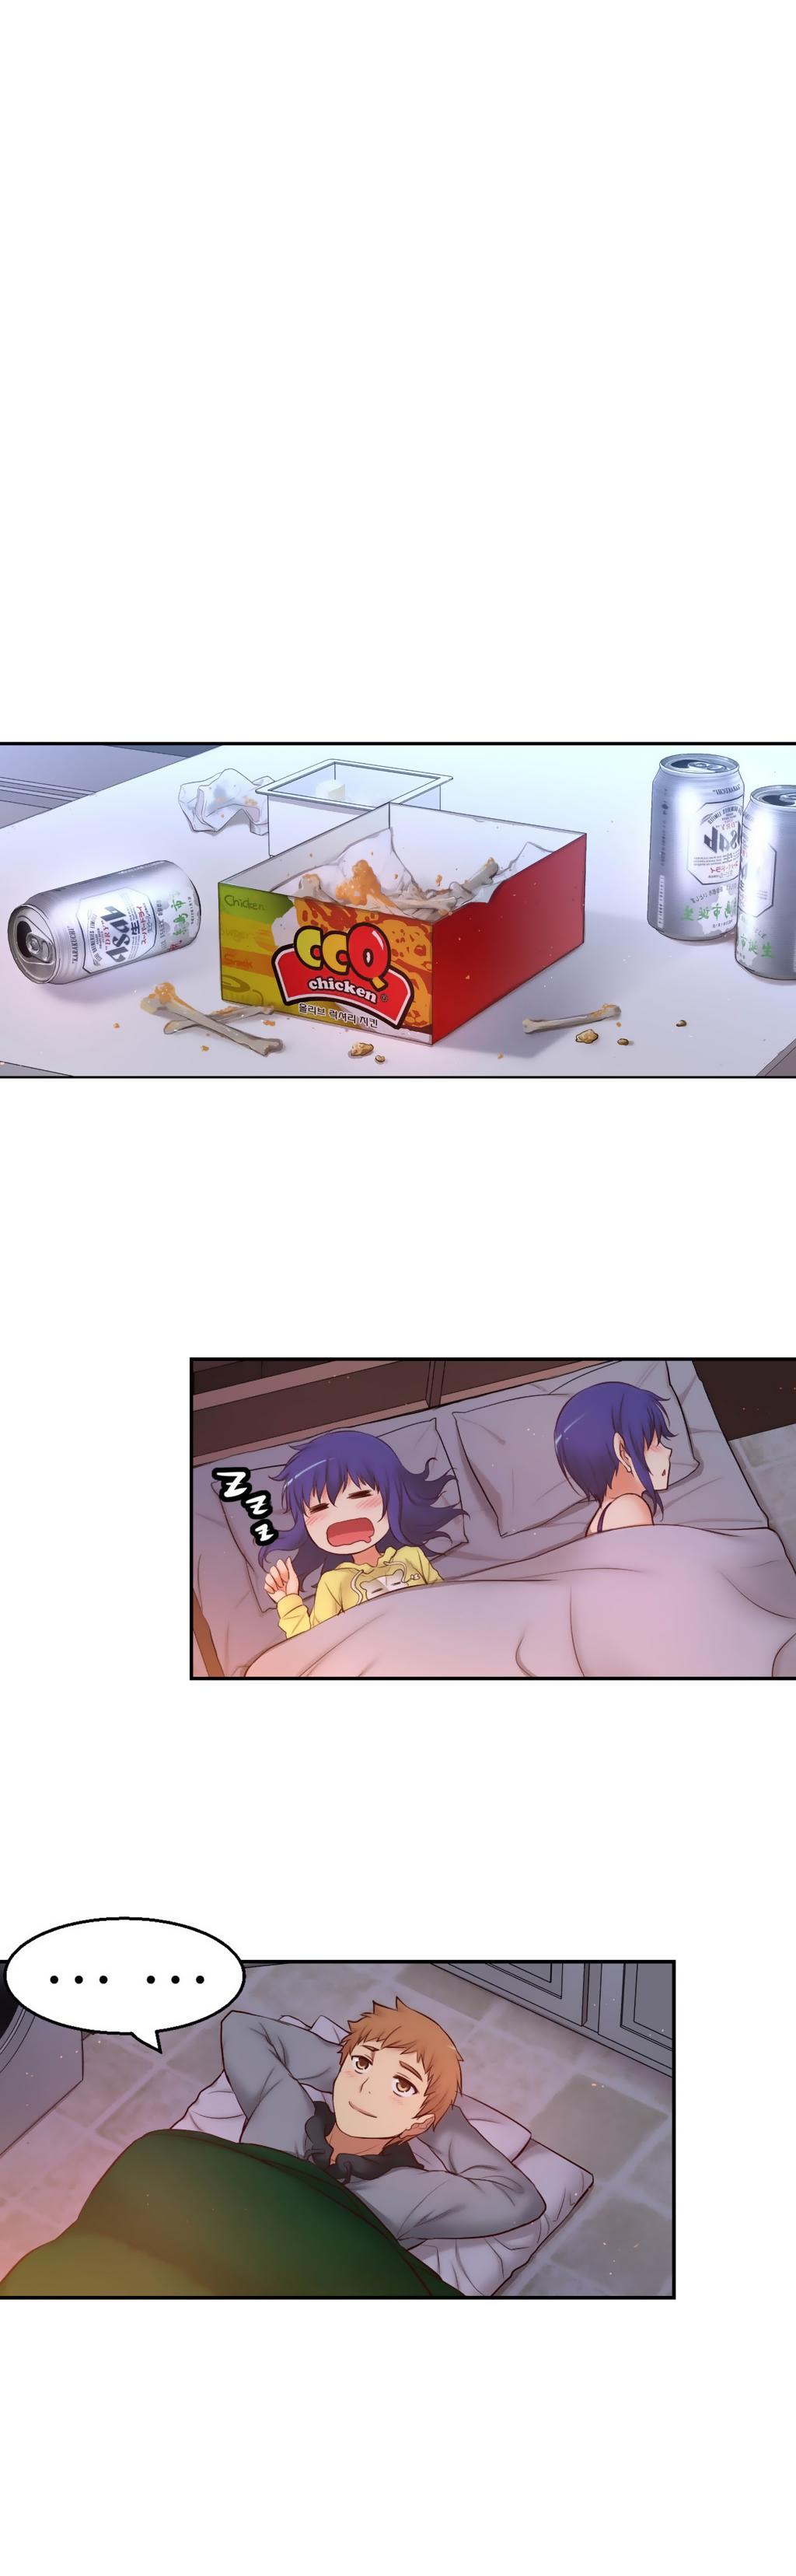 Hình ảnh HINH_00023 in [Siêu phẩm Hentai] Little Girl Full